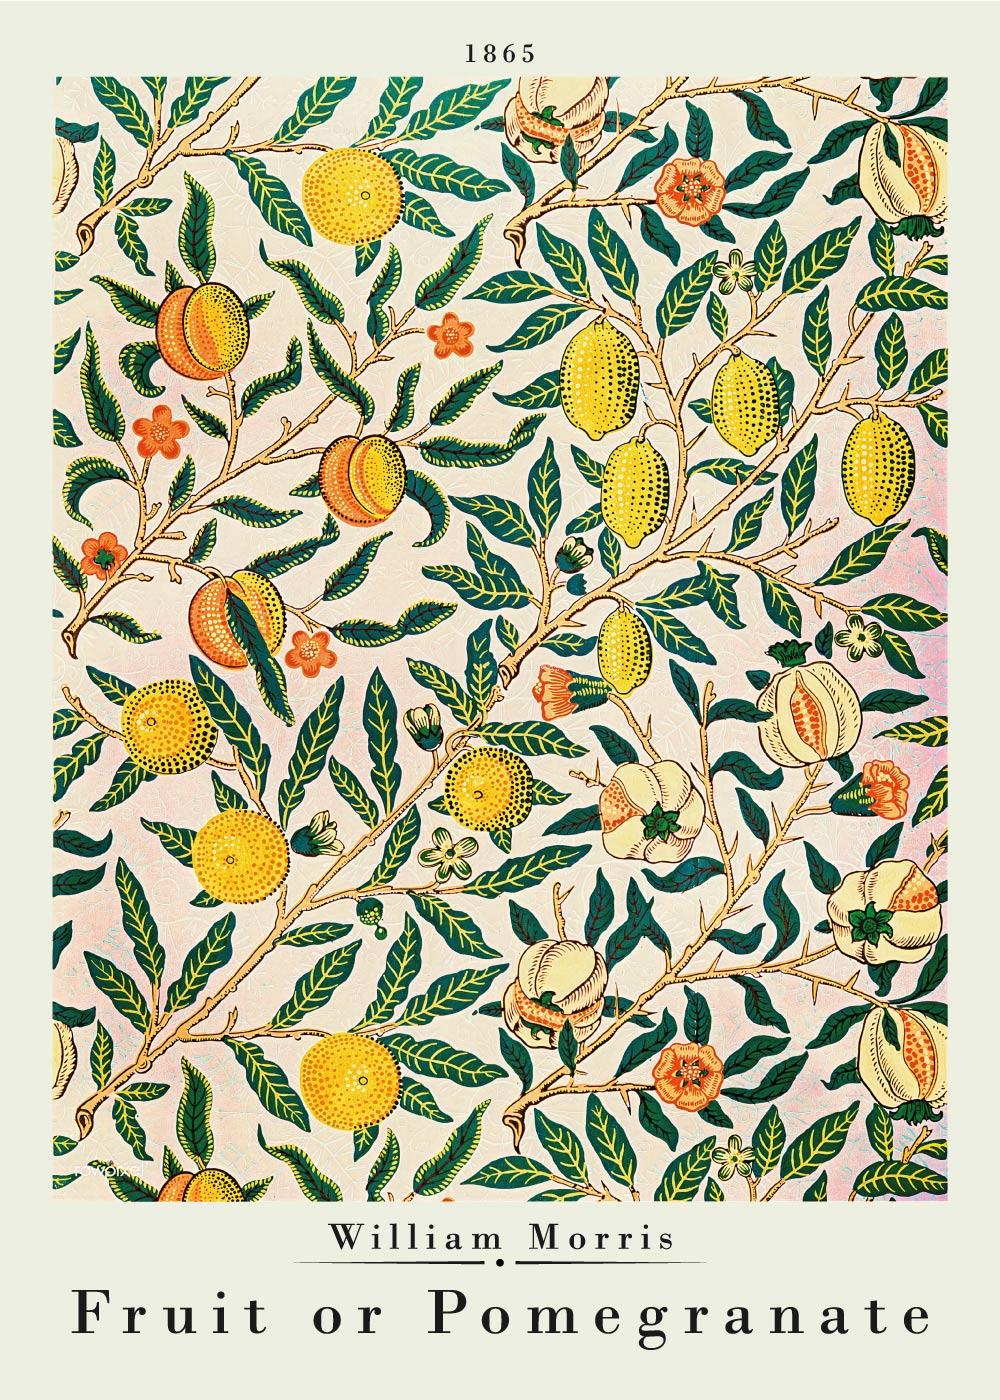 Fruit or pomegranate - William Morris kunstplakat